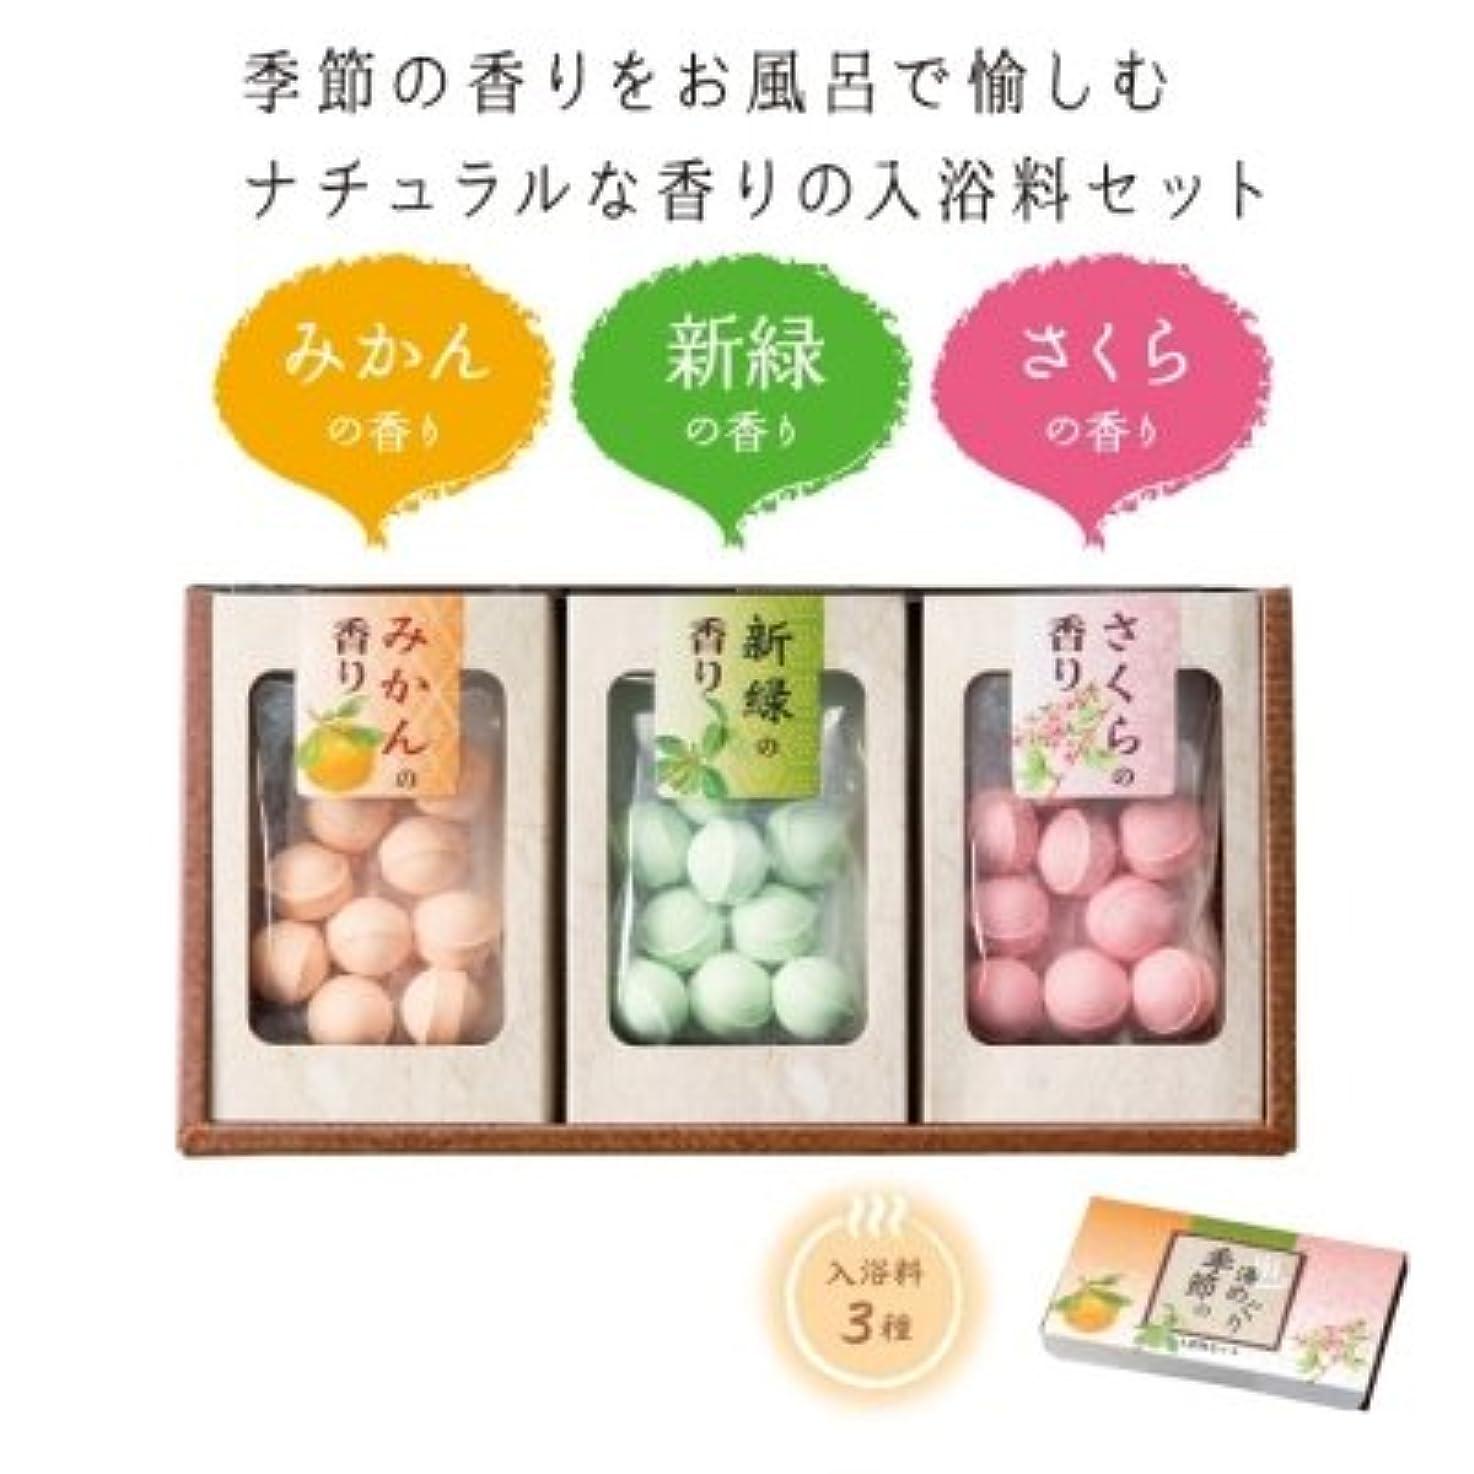 季節の湯めぐり 入浴料セット(30個1セット)